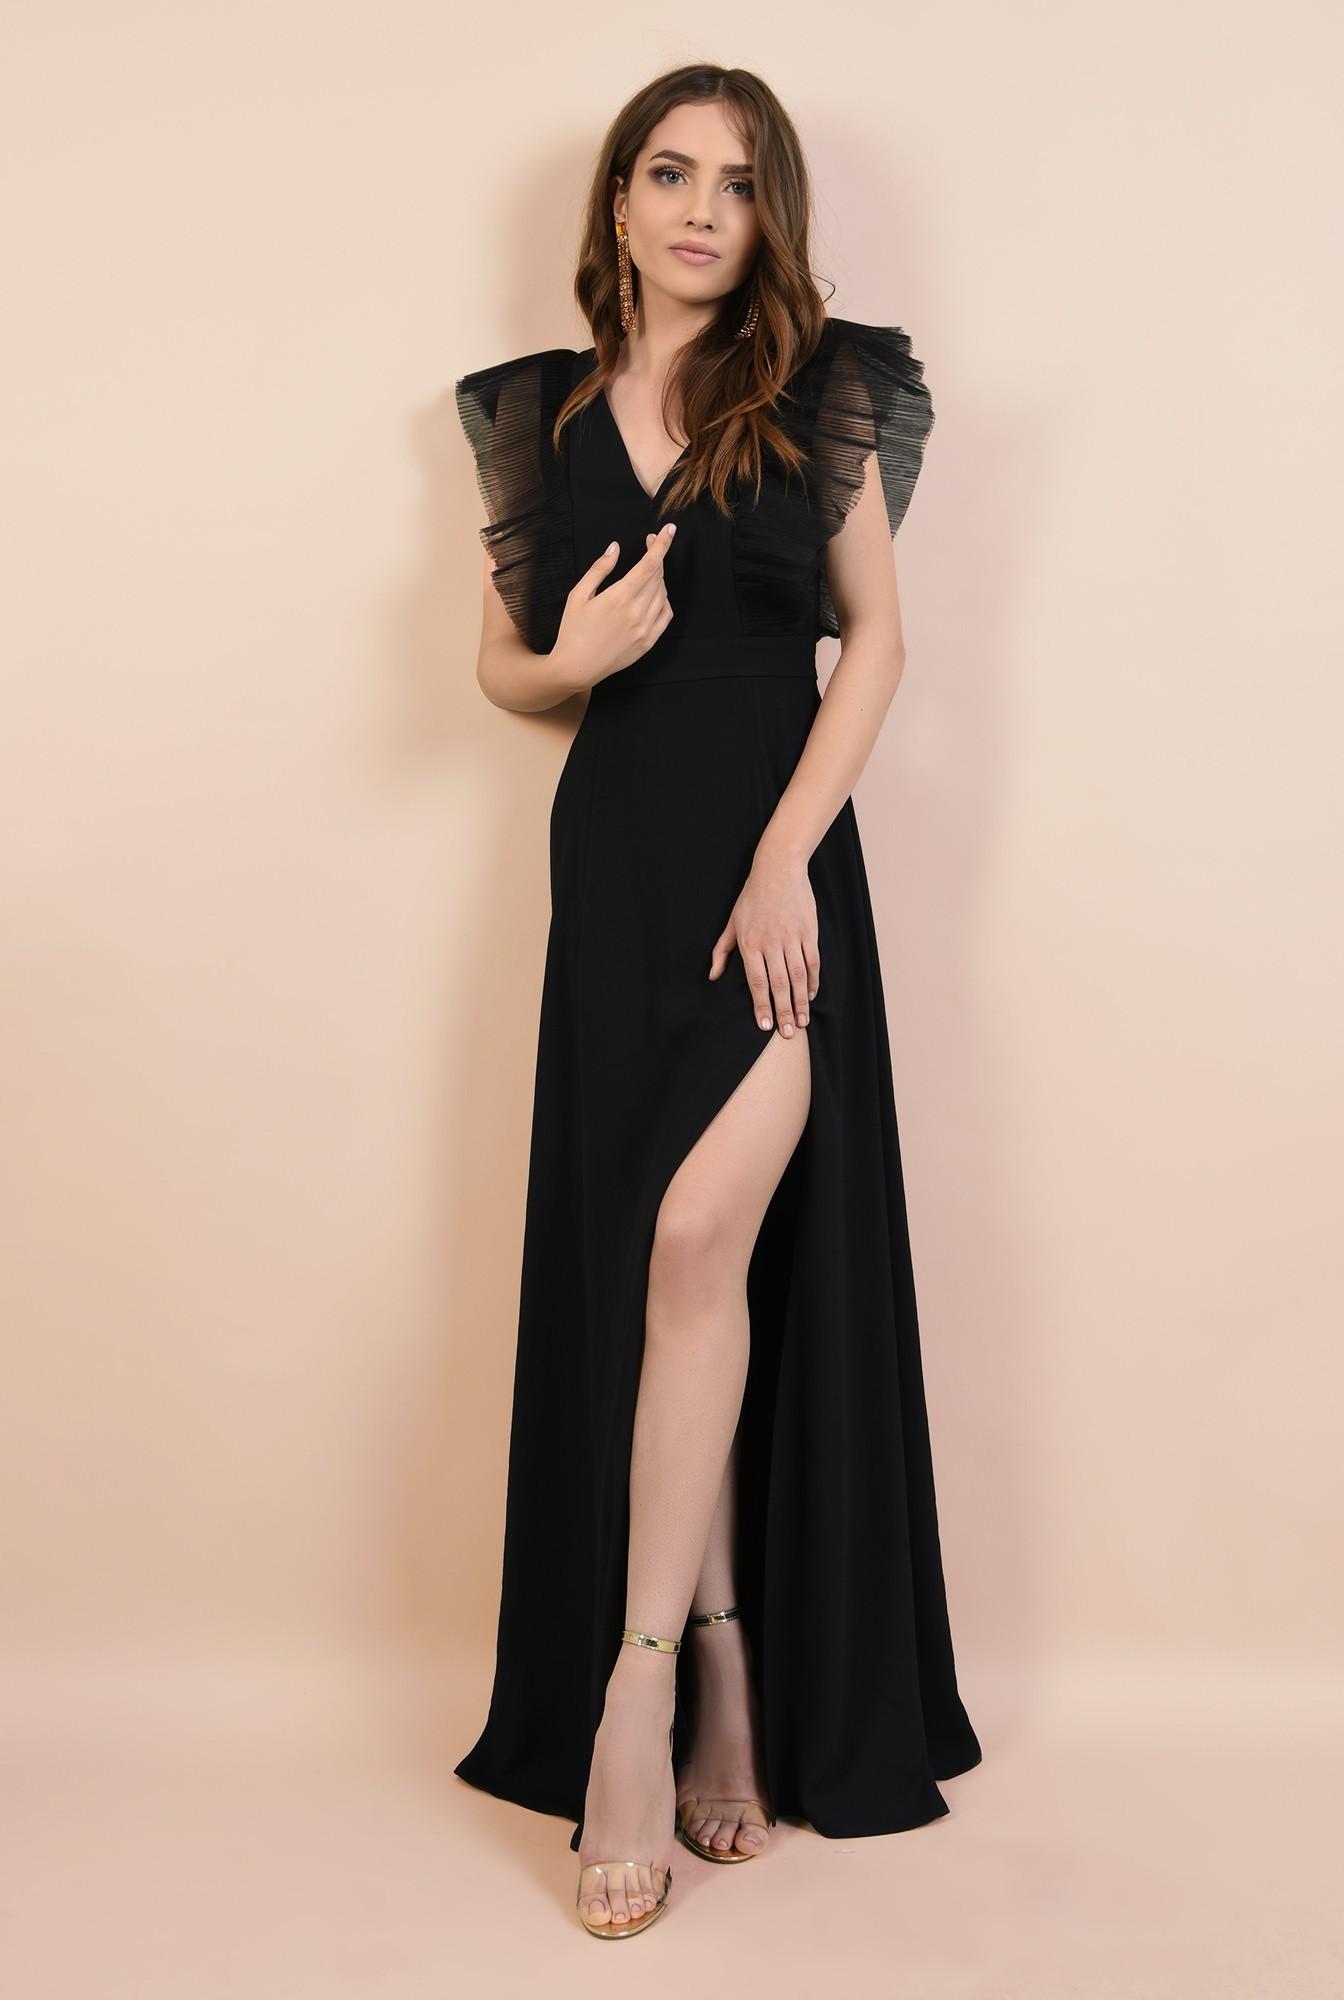 0 - rochie de ocazie, neagra, lunga, cu volane din tul, Poema, slit adanc